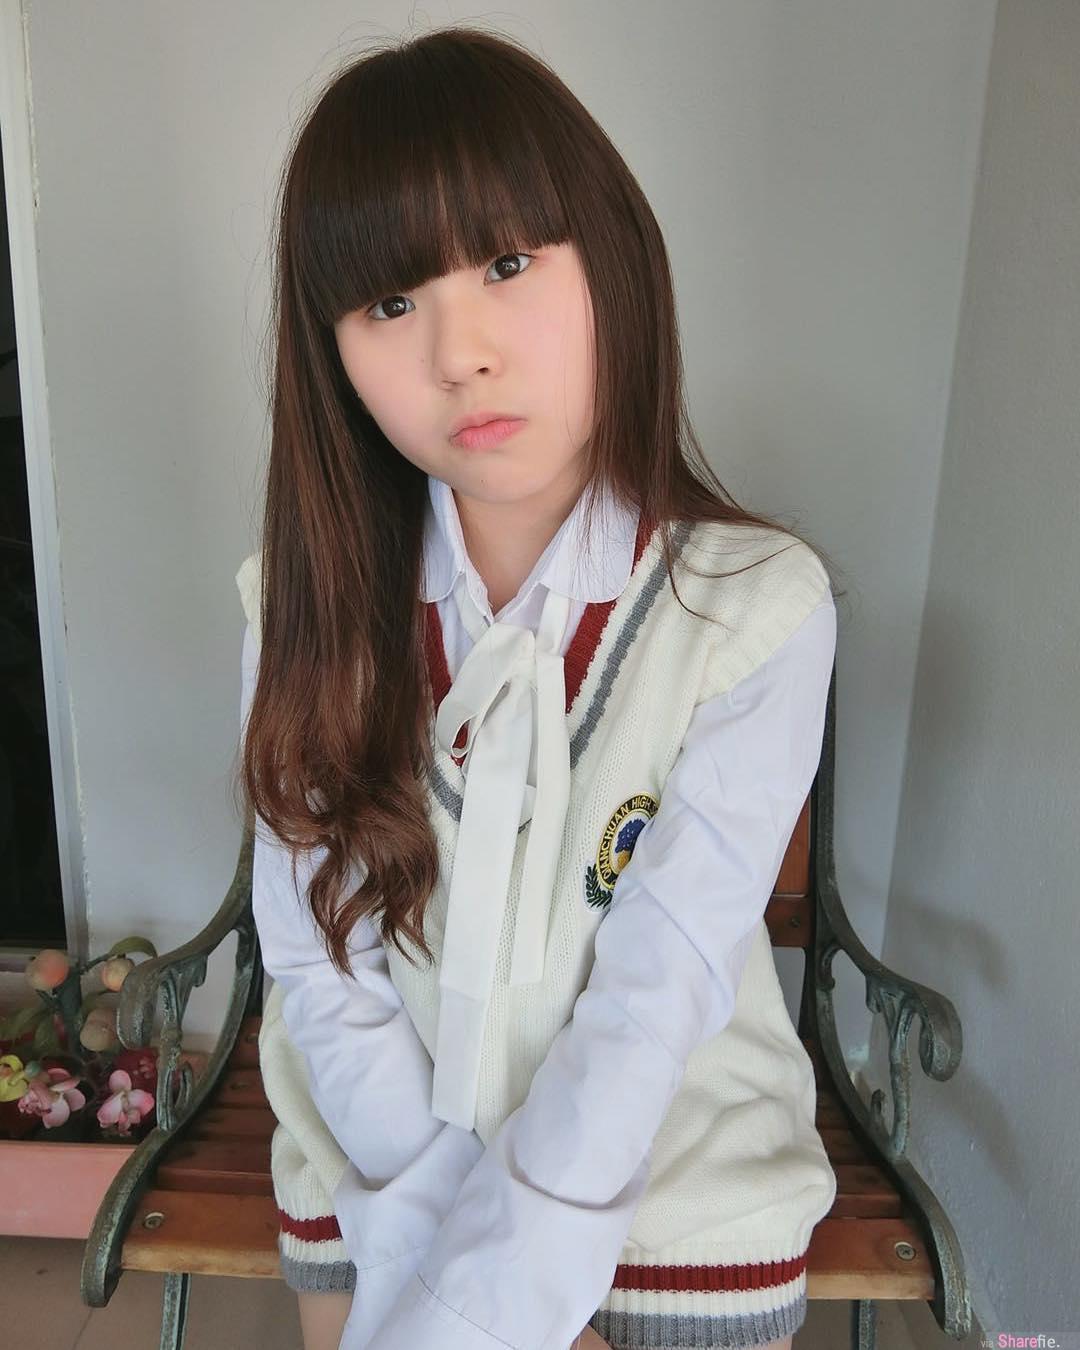 大马可爱正妹Findy Yong,房间自拍有亮点,网友发现床上有...